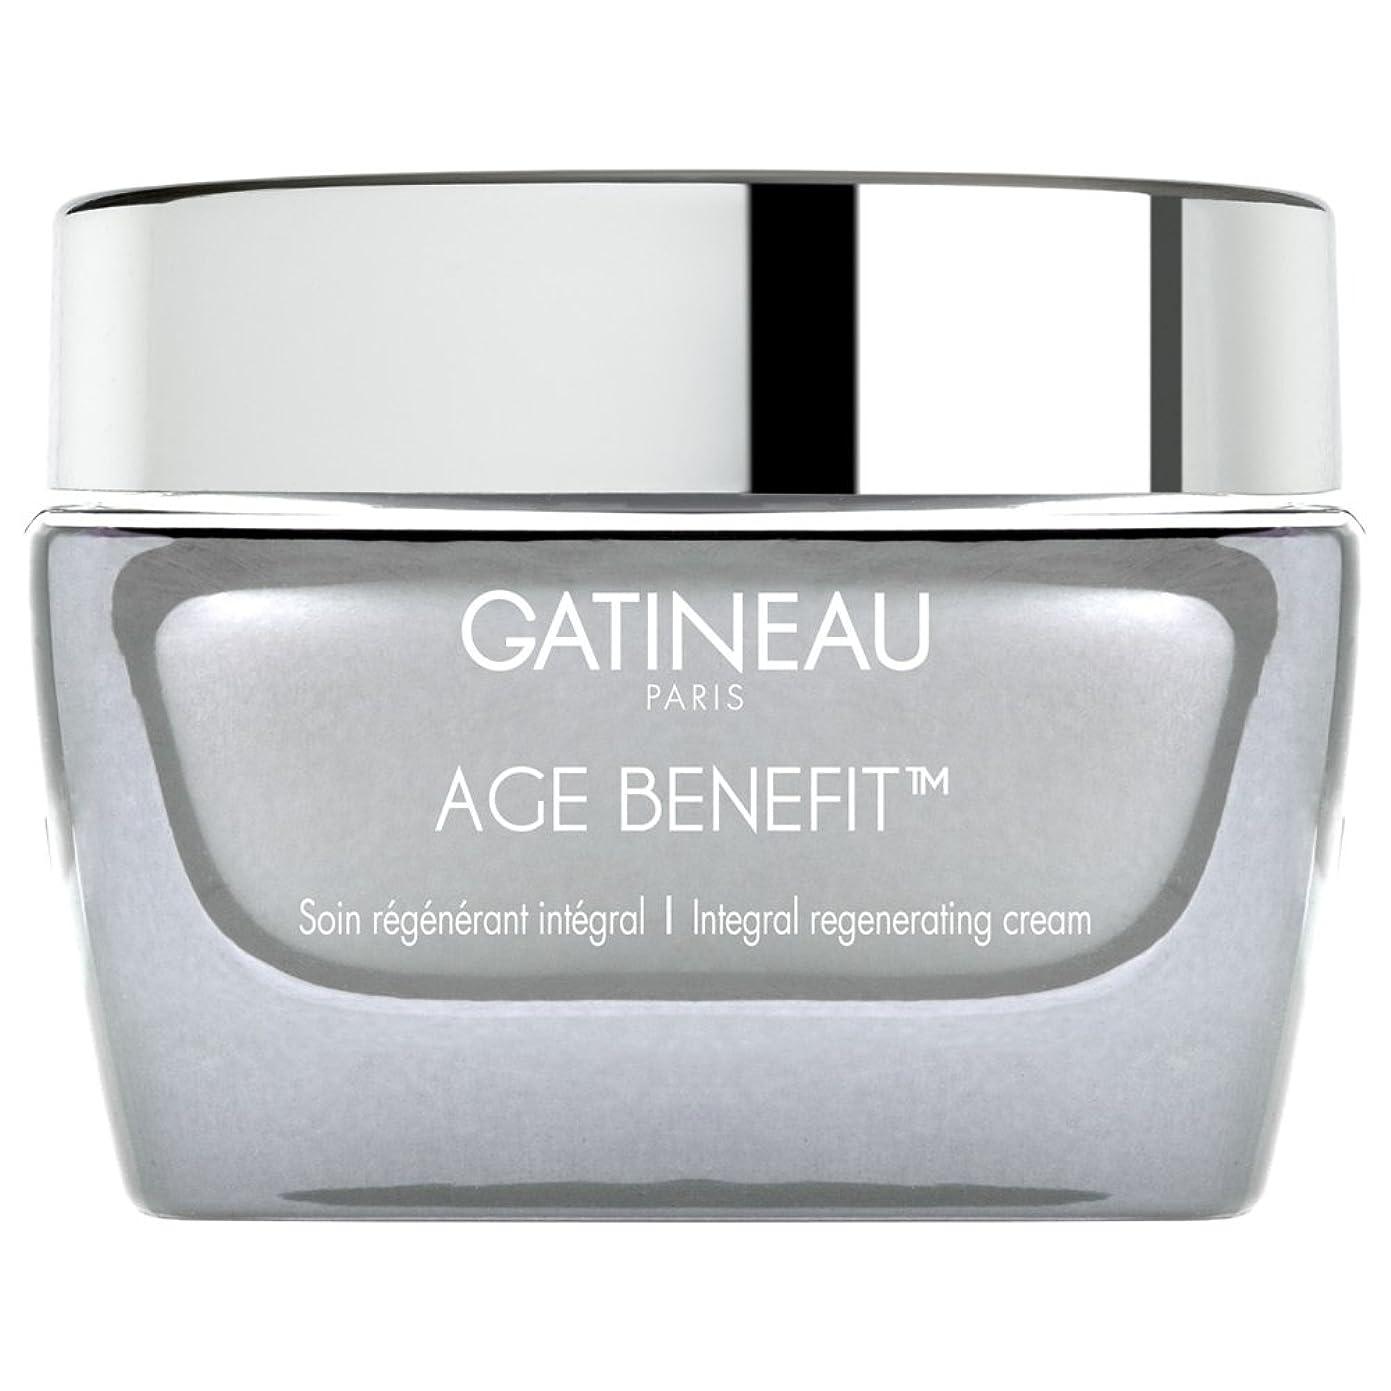 項目証明書ルネッサンスクリームを再生ガティノー年齢給付、50ミリリットル (Gatineau) (x6) - Gatineau Age Benefit Regenerating Cream, 50ml (Pack of 6) [並行輸入品]